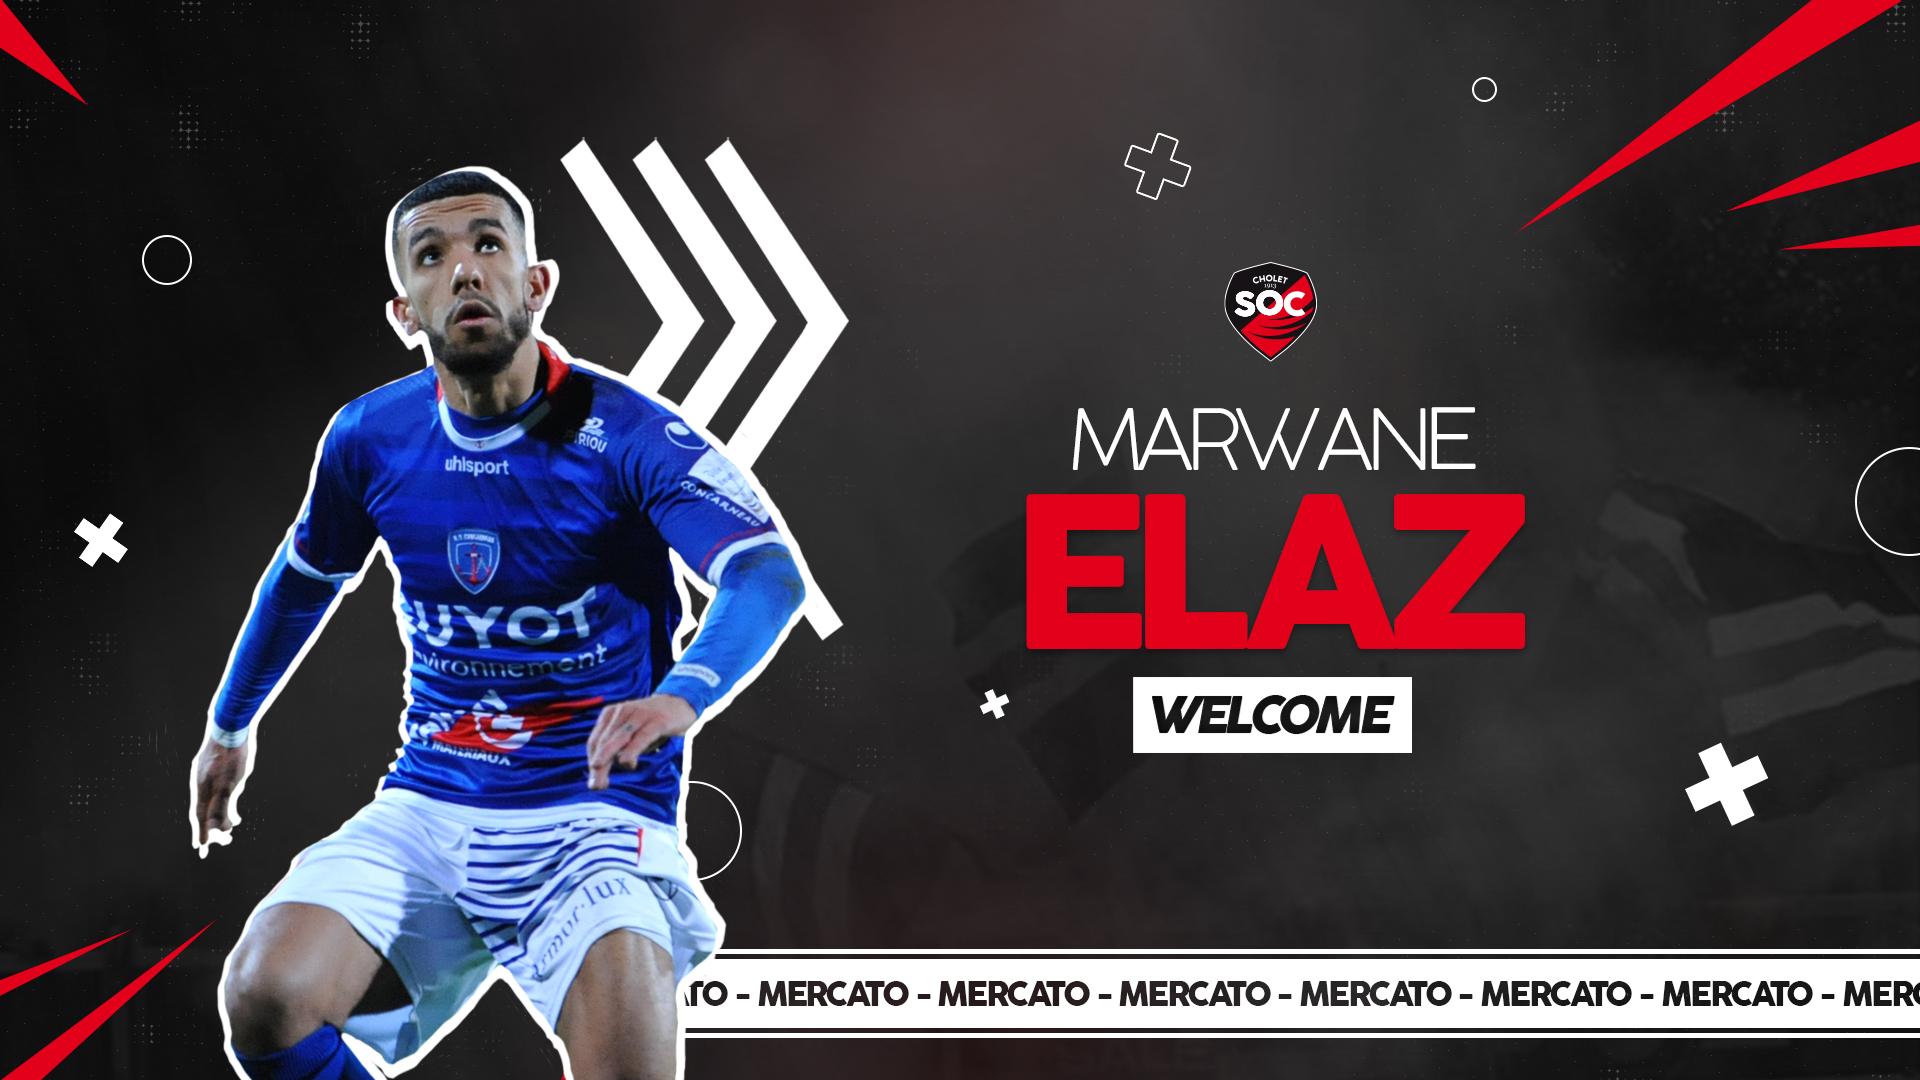 Marwane Elaz Recrue